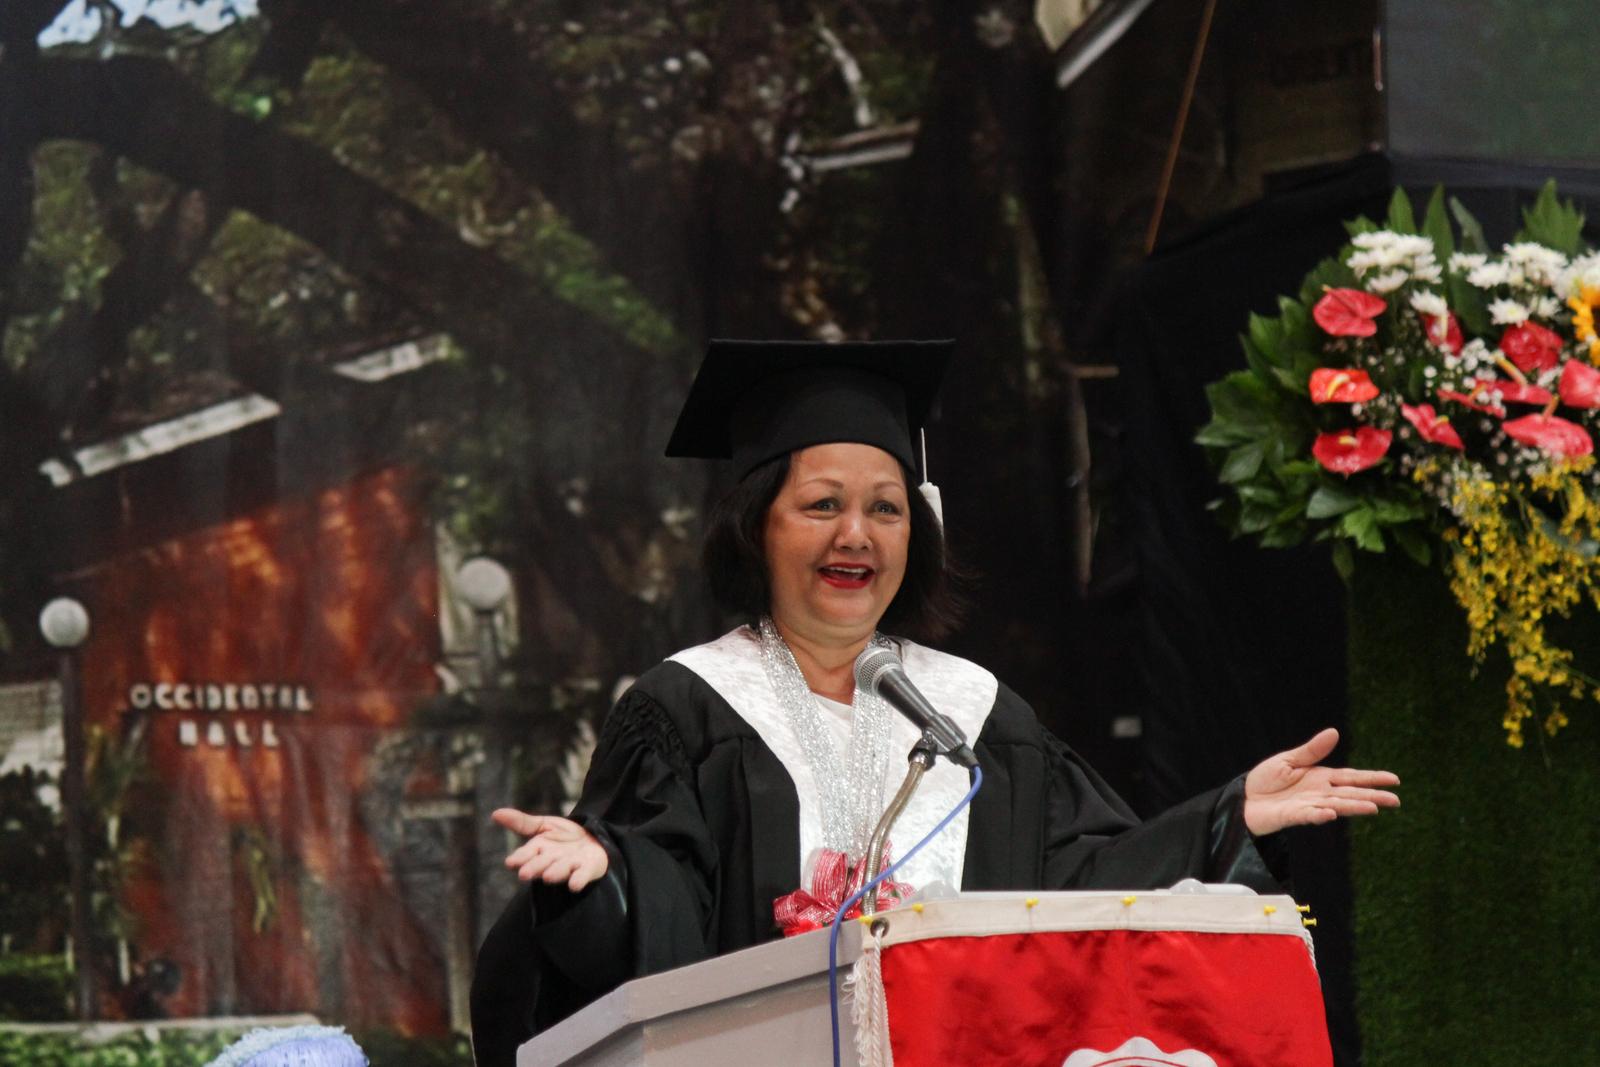 Amina Rasul-Bernardo exhorts SU graduates to become involved citizens